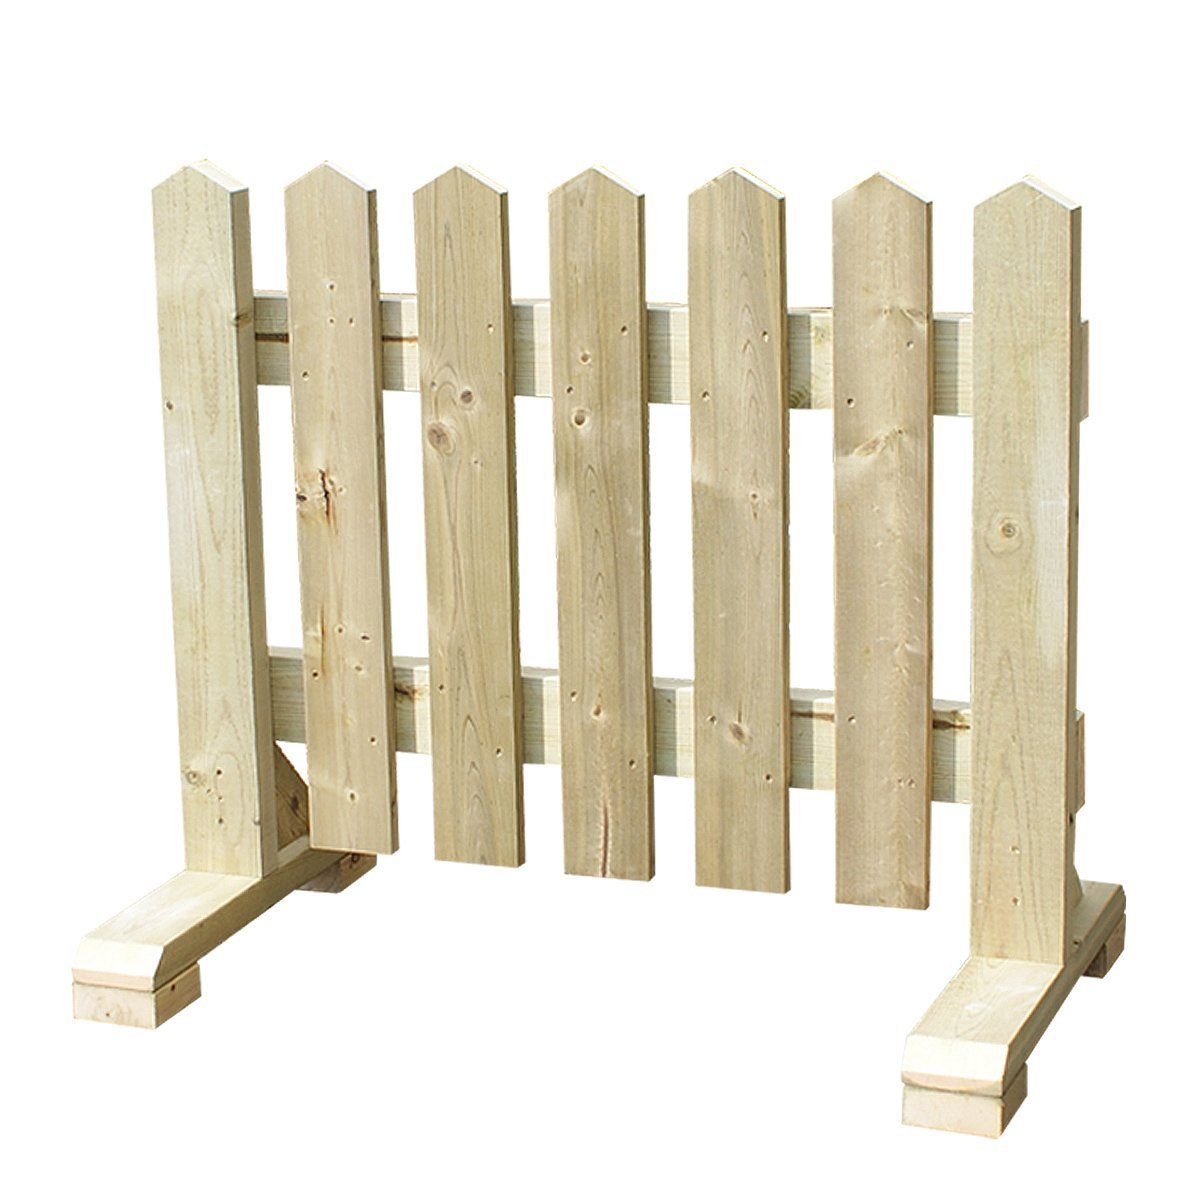 【ワケアリ品】木製 ピケットフェンス -ナチュラル- (幅150cm) B07DJ9X1JR 10900 幅150cm  幅150cm